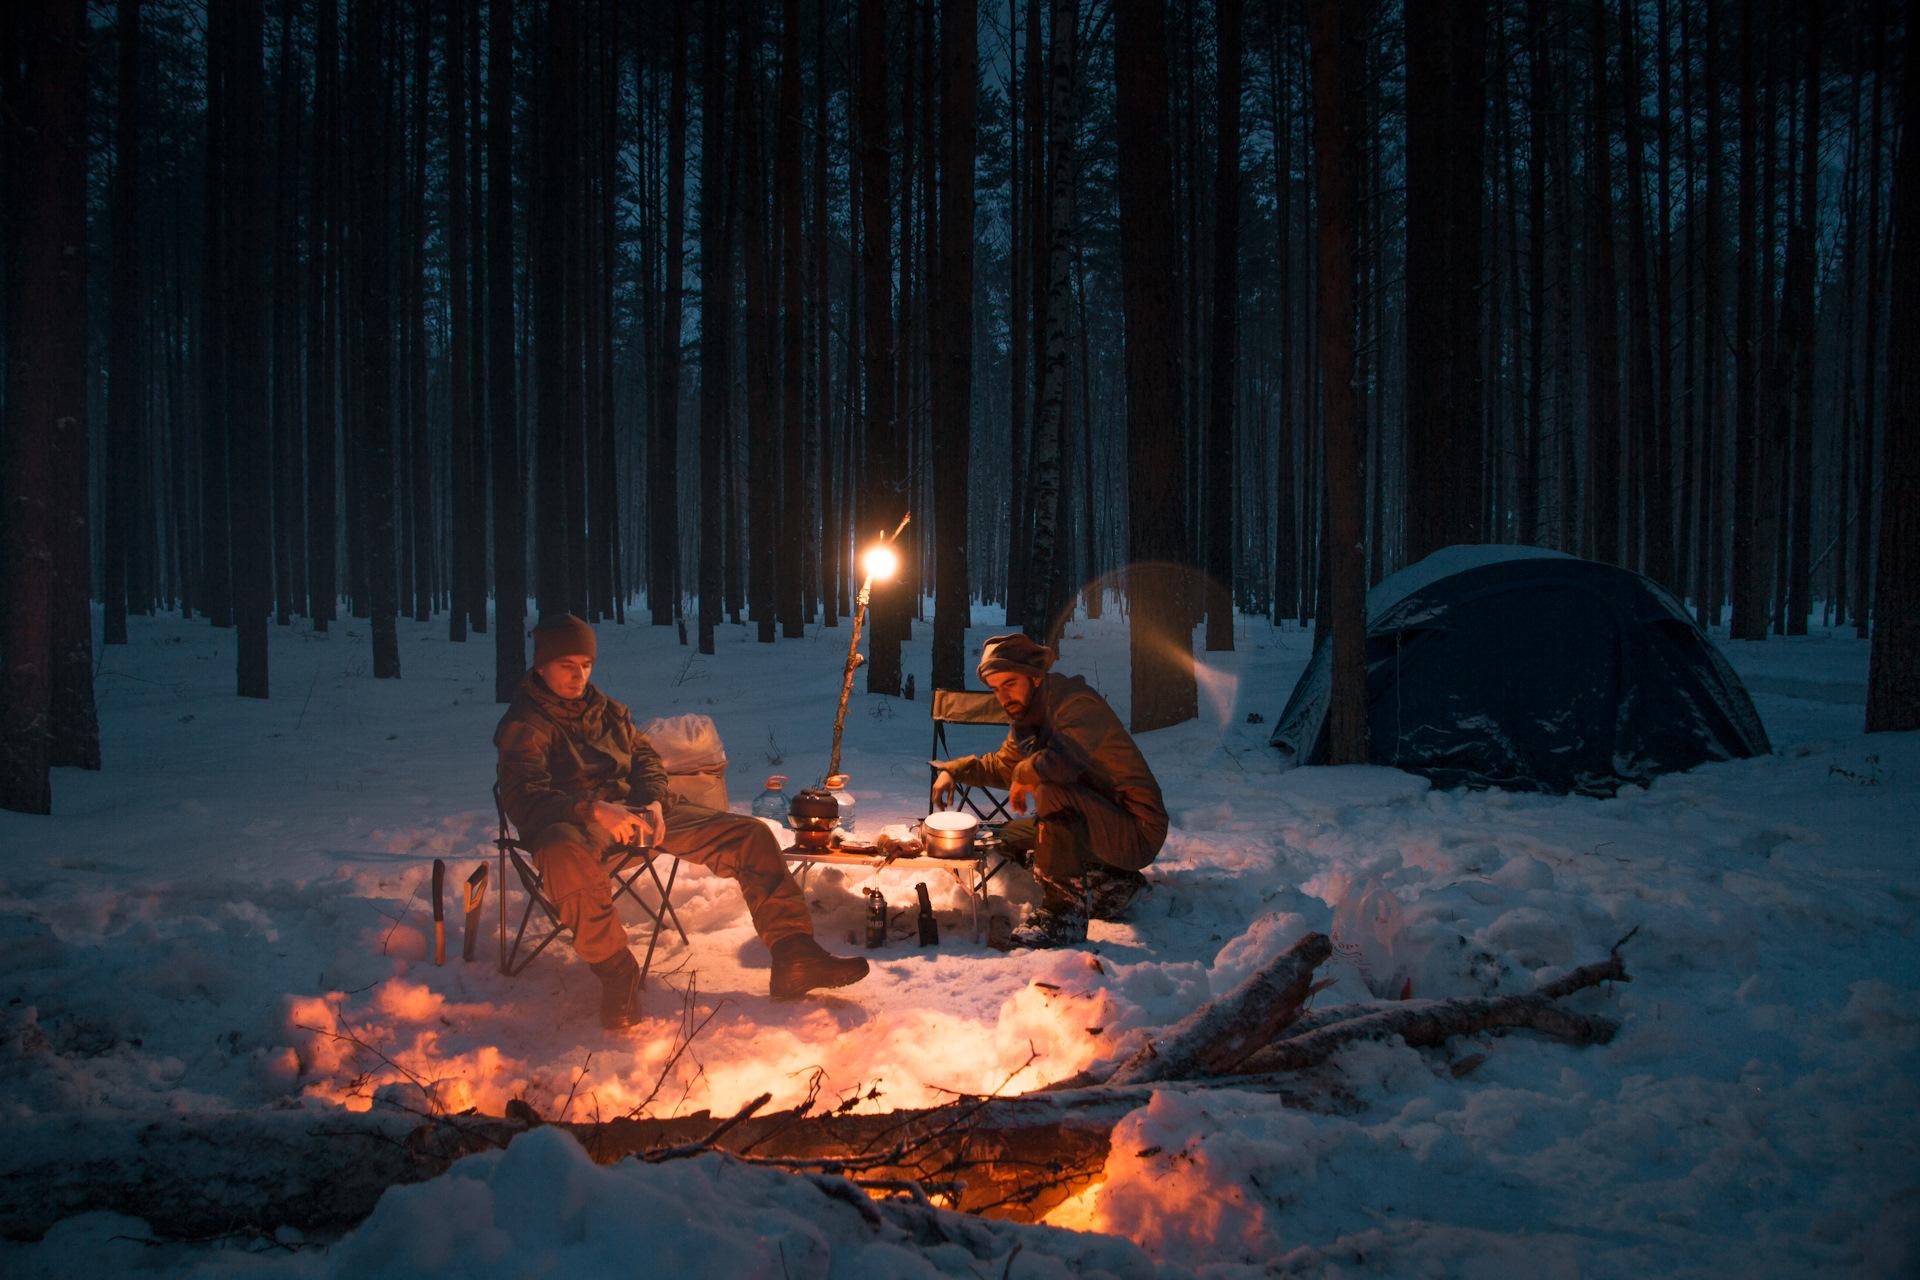 покажите пожалуйста картинки отдыхающих зимой у костра мази